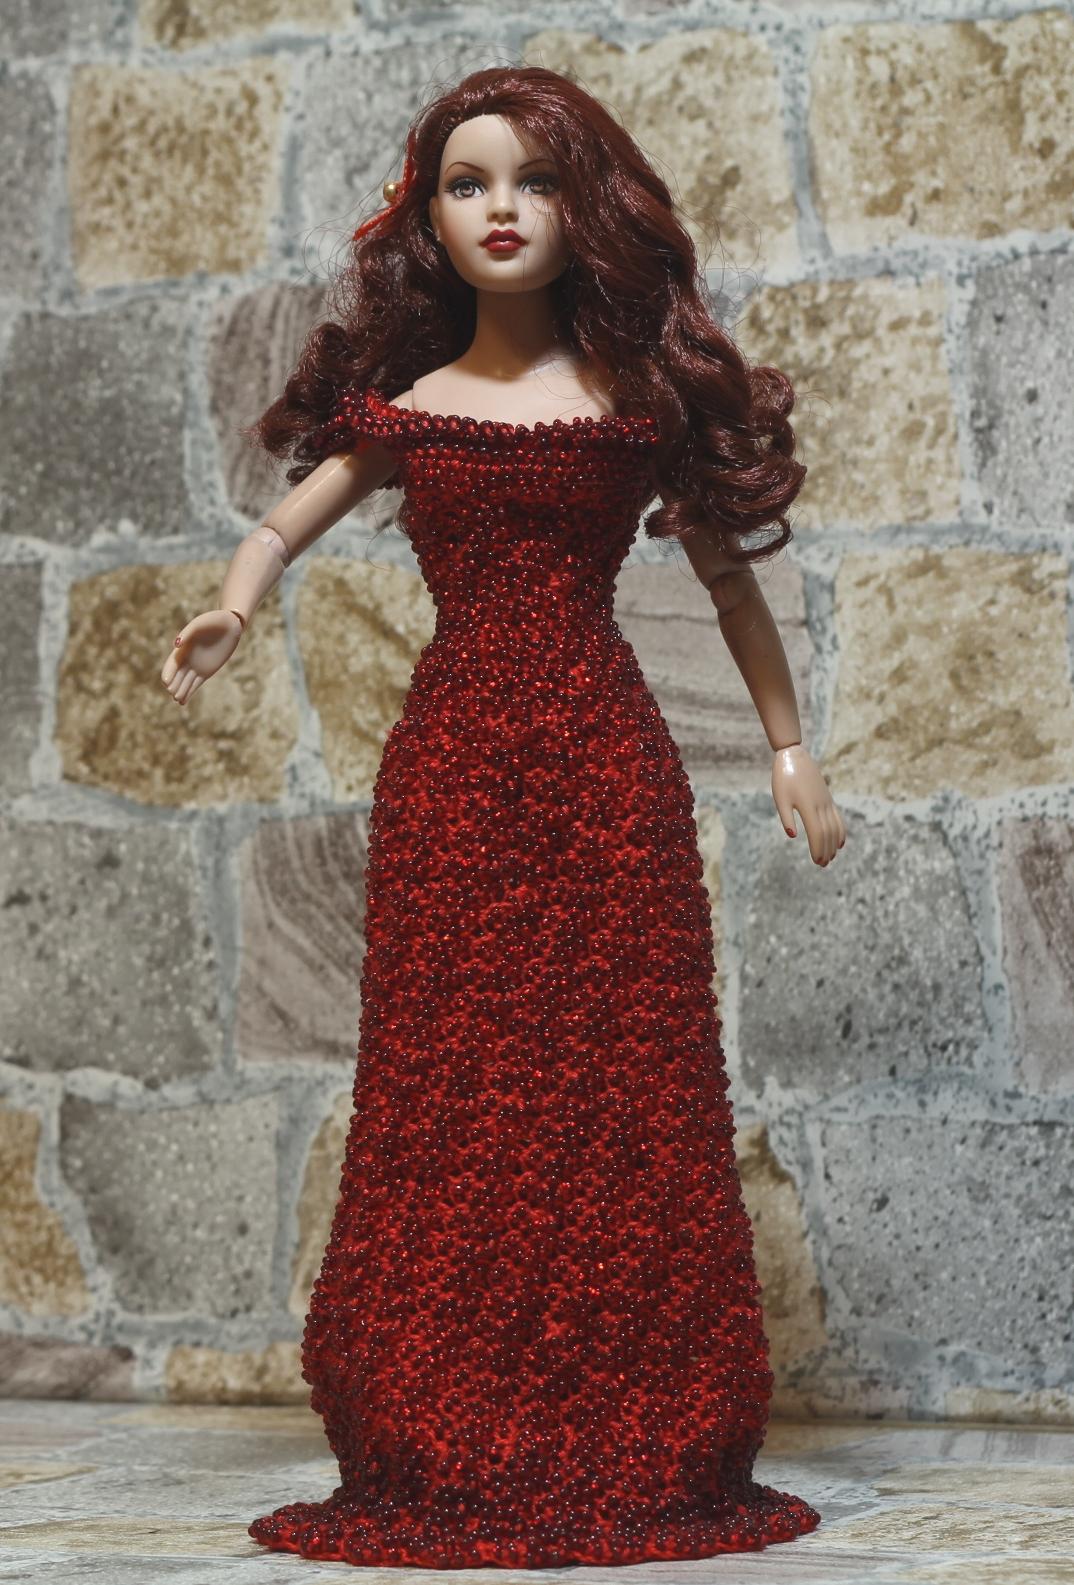 яркое платье на английском